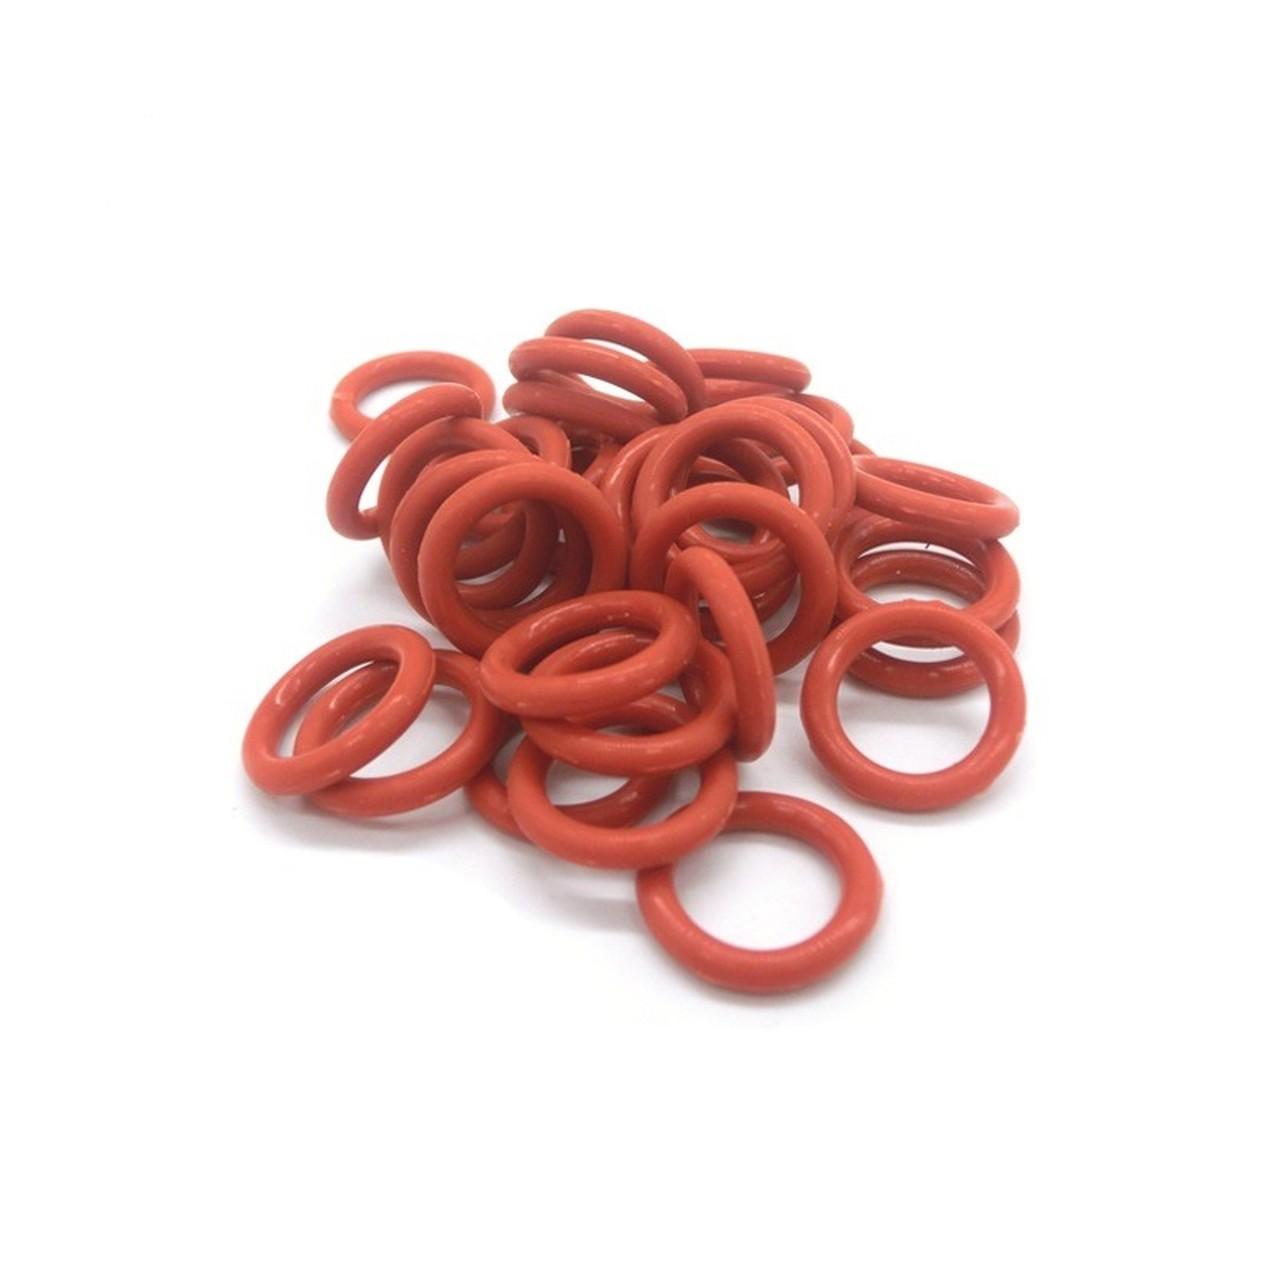 Anel Oring de Silicone Vermelho 20,22x3,53mm